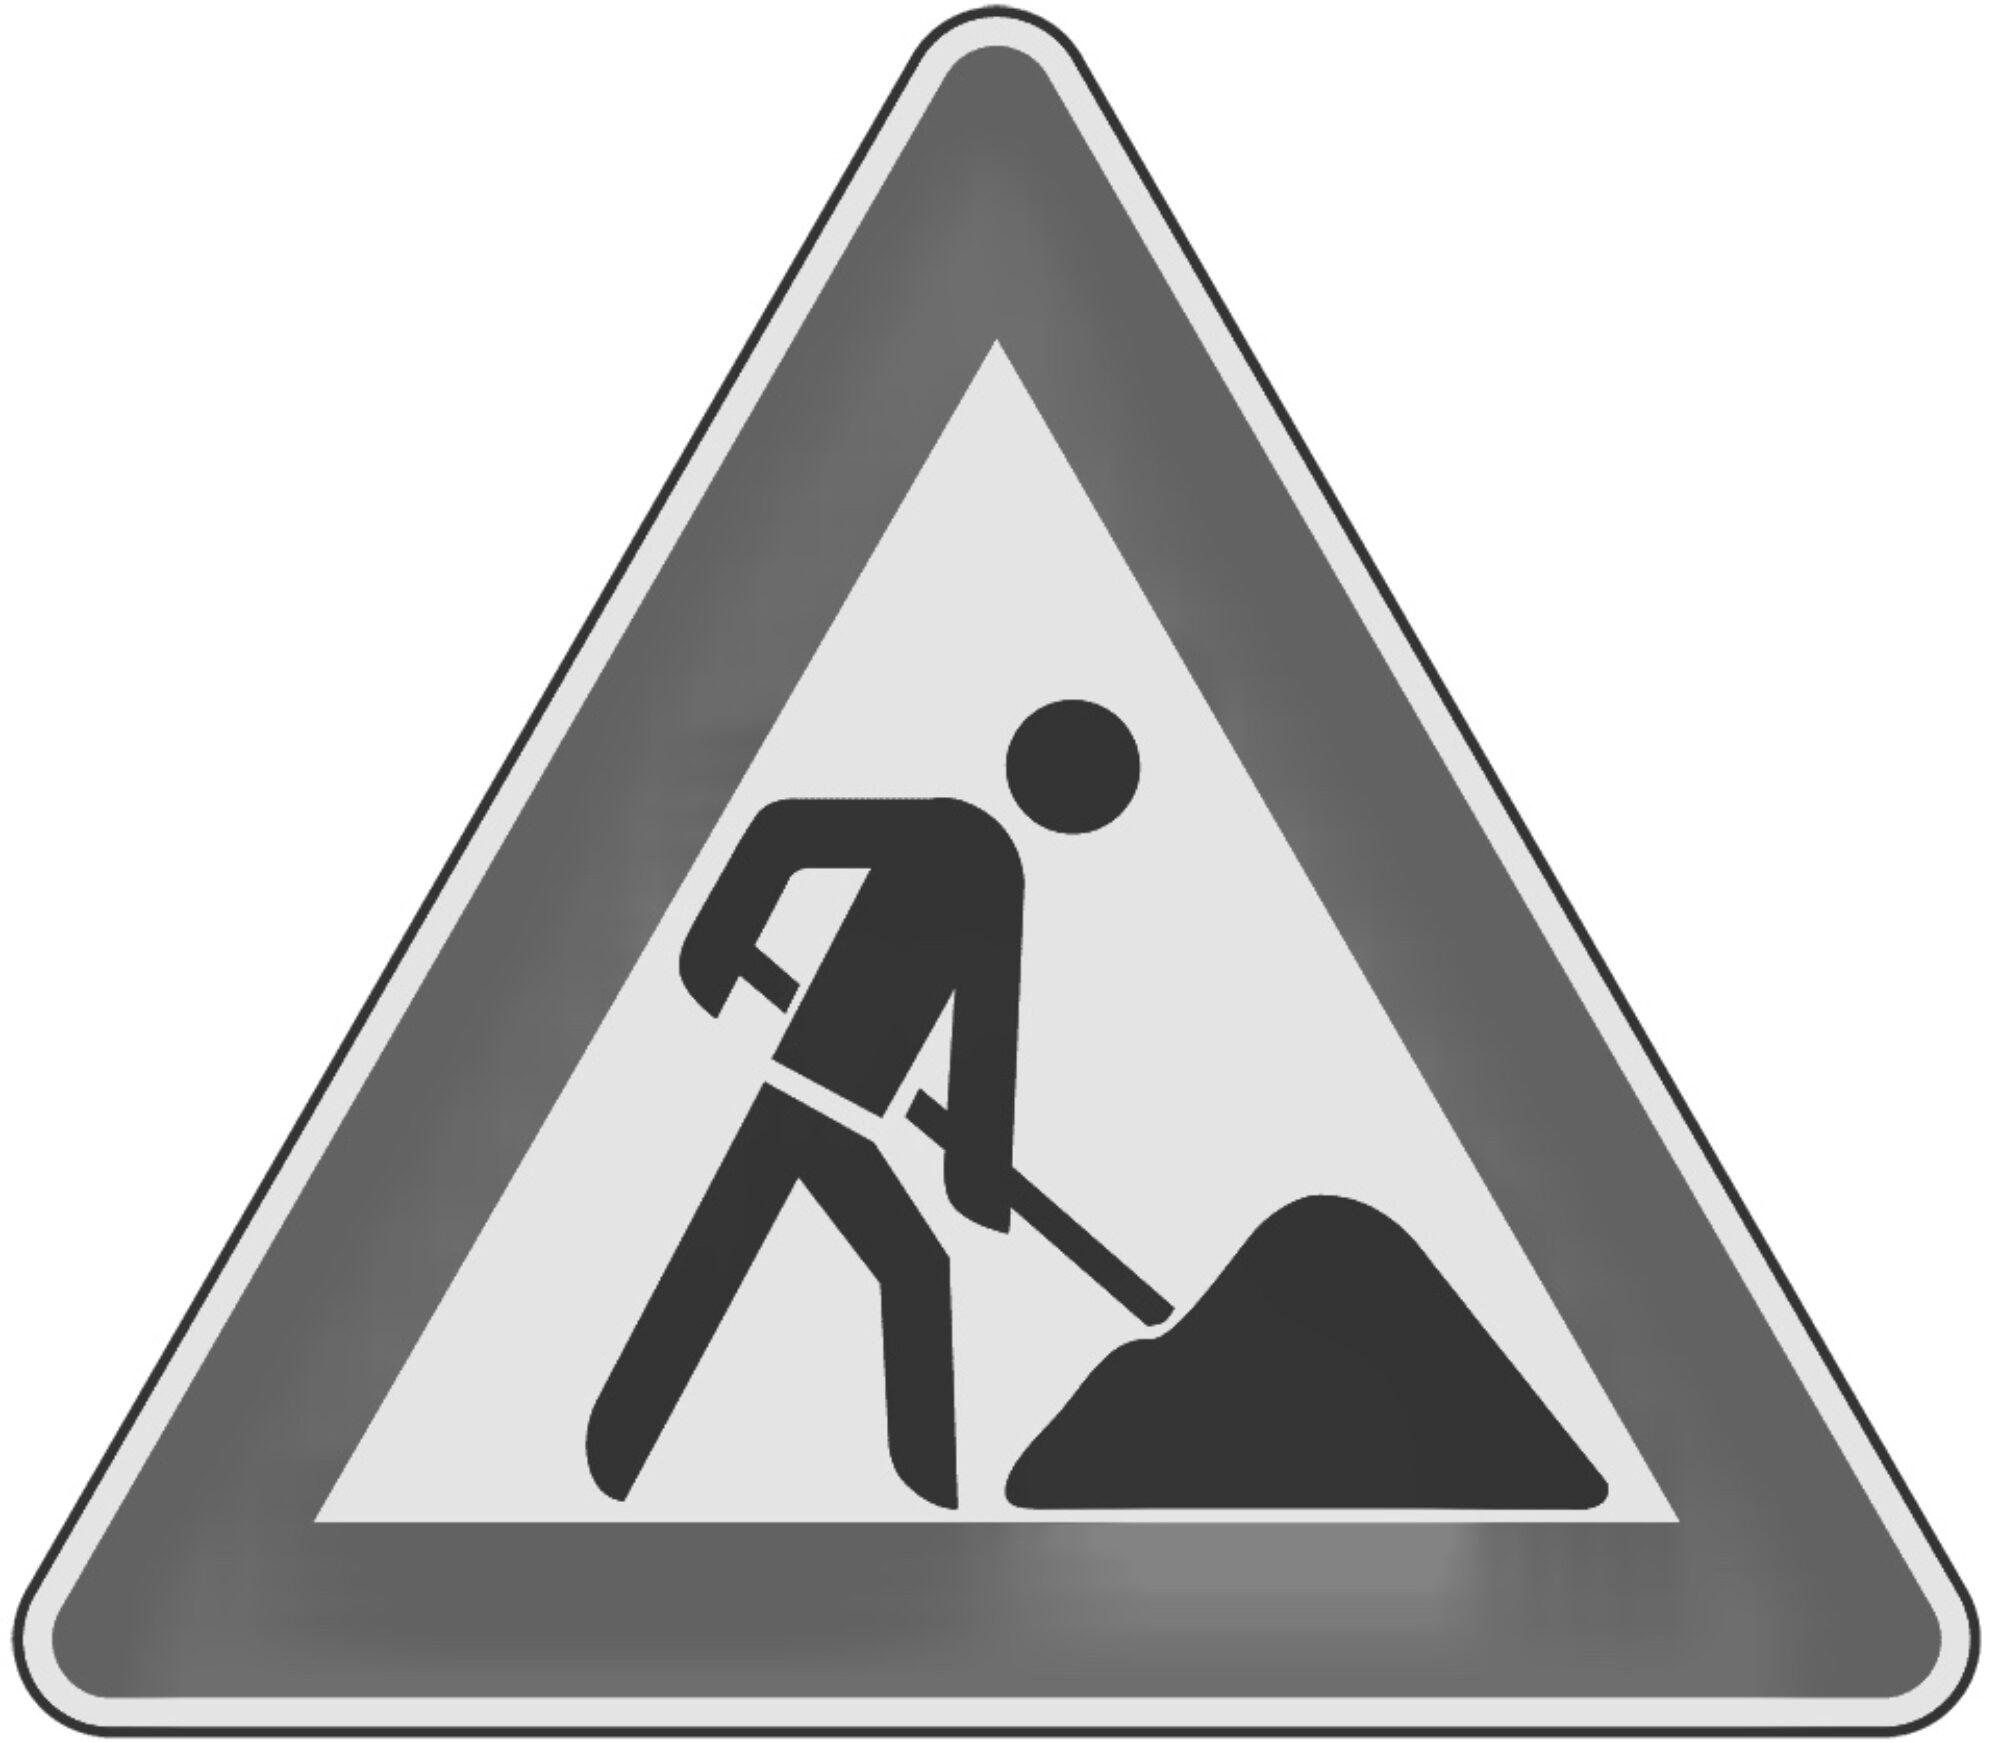 Wartungsarbeiten - diese Website wird überarbeitet